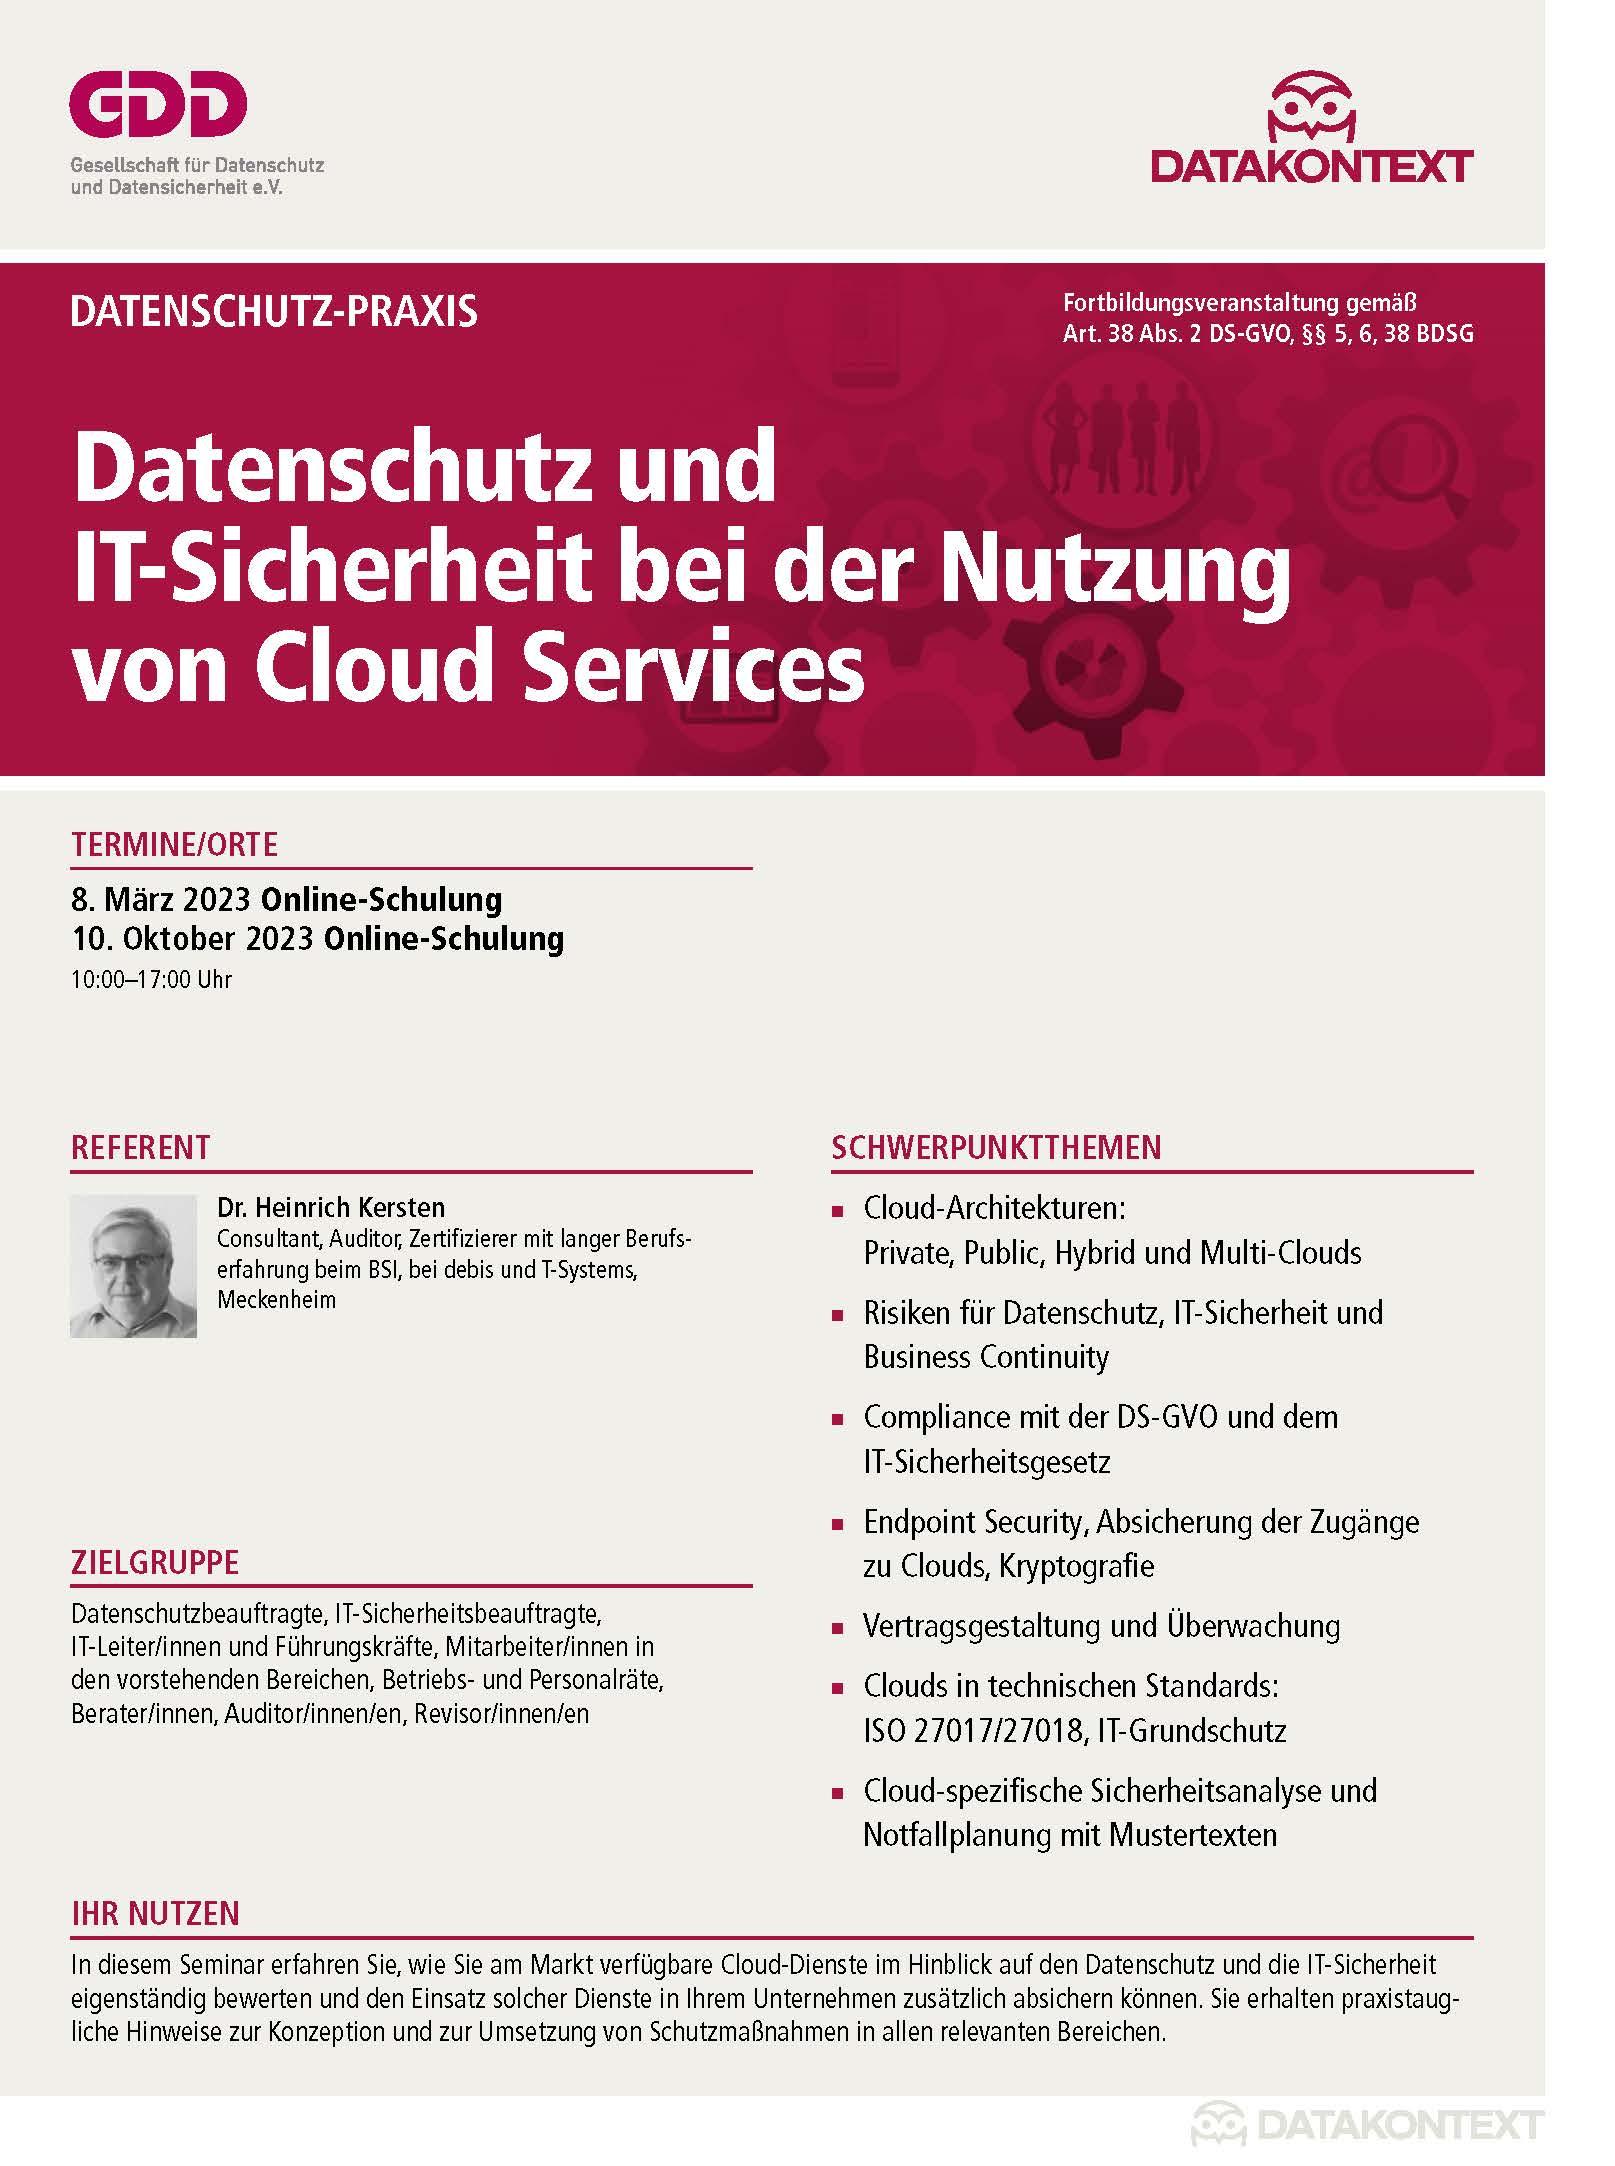 Datenschutz und IT-Sicherheit bei der Nutzung von Cloud Services